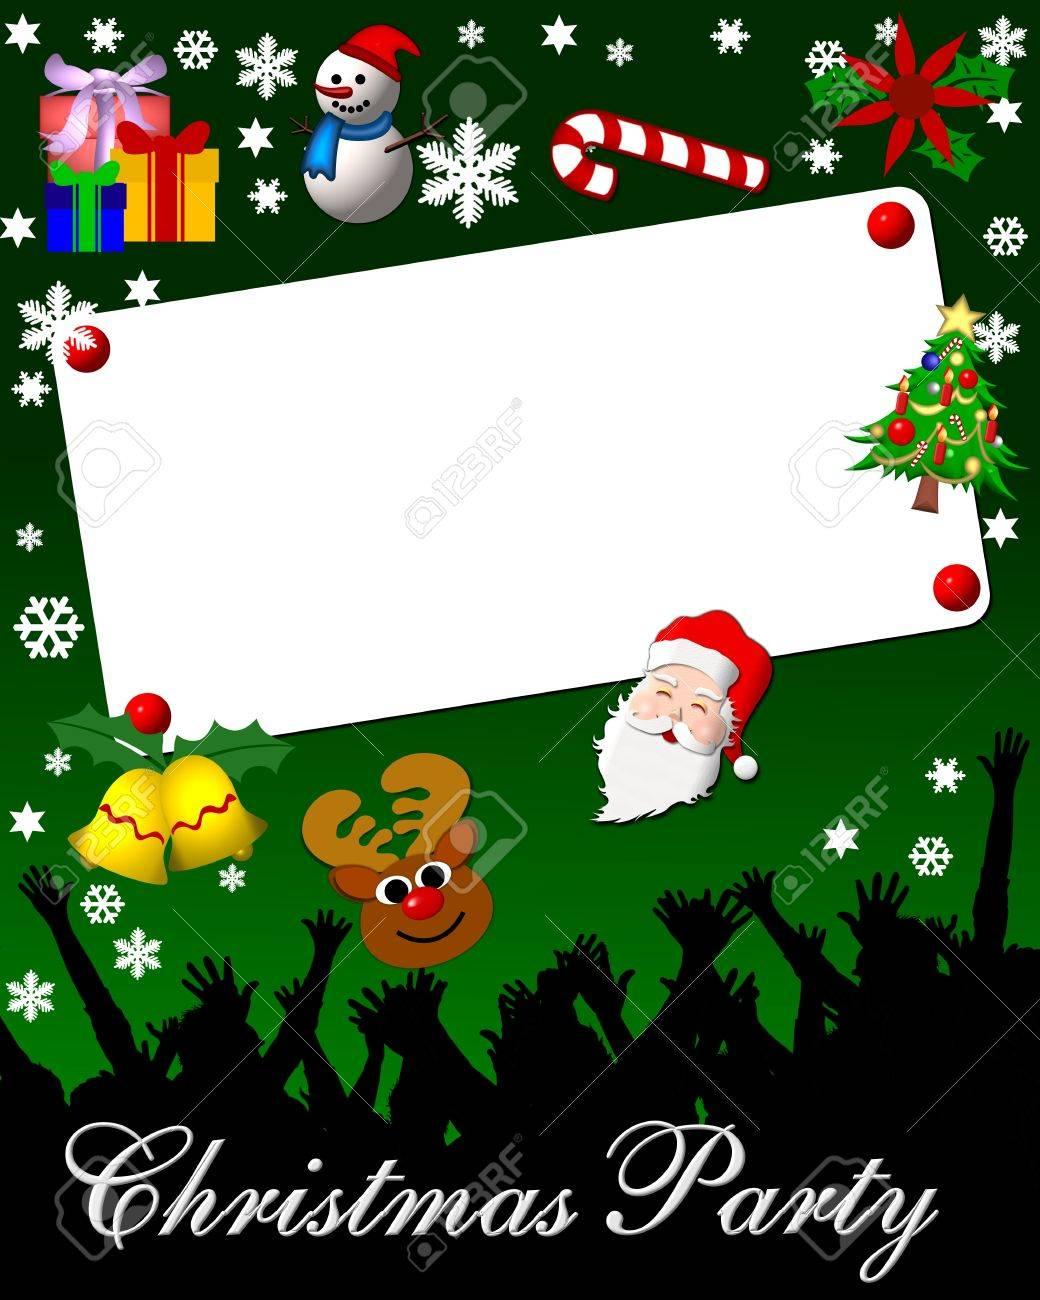 Weihnachtsfeier Plakat.Stock Photo